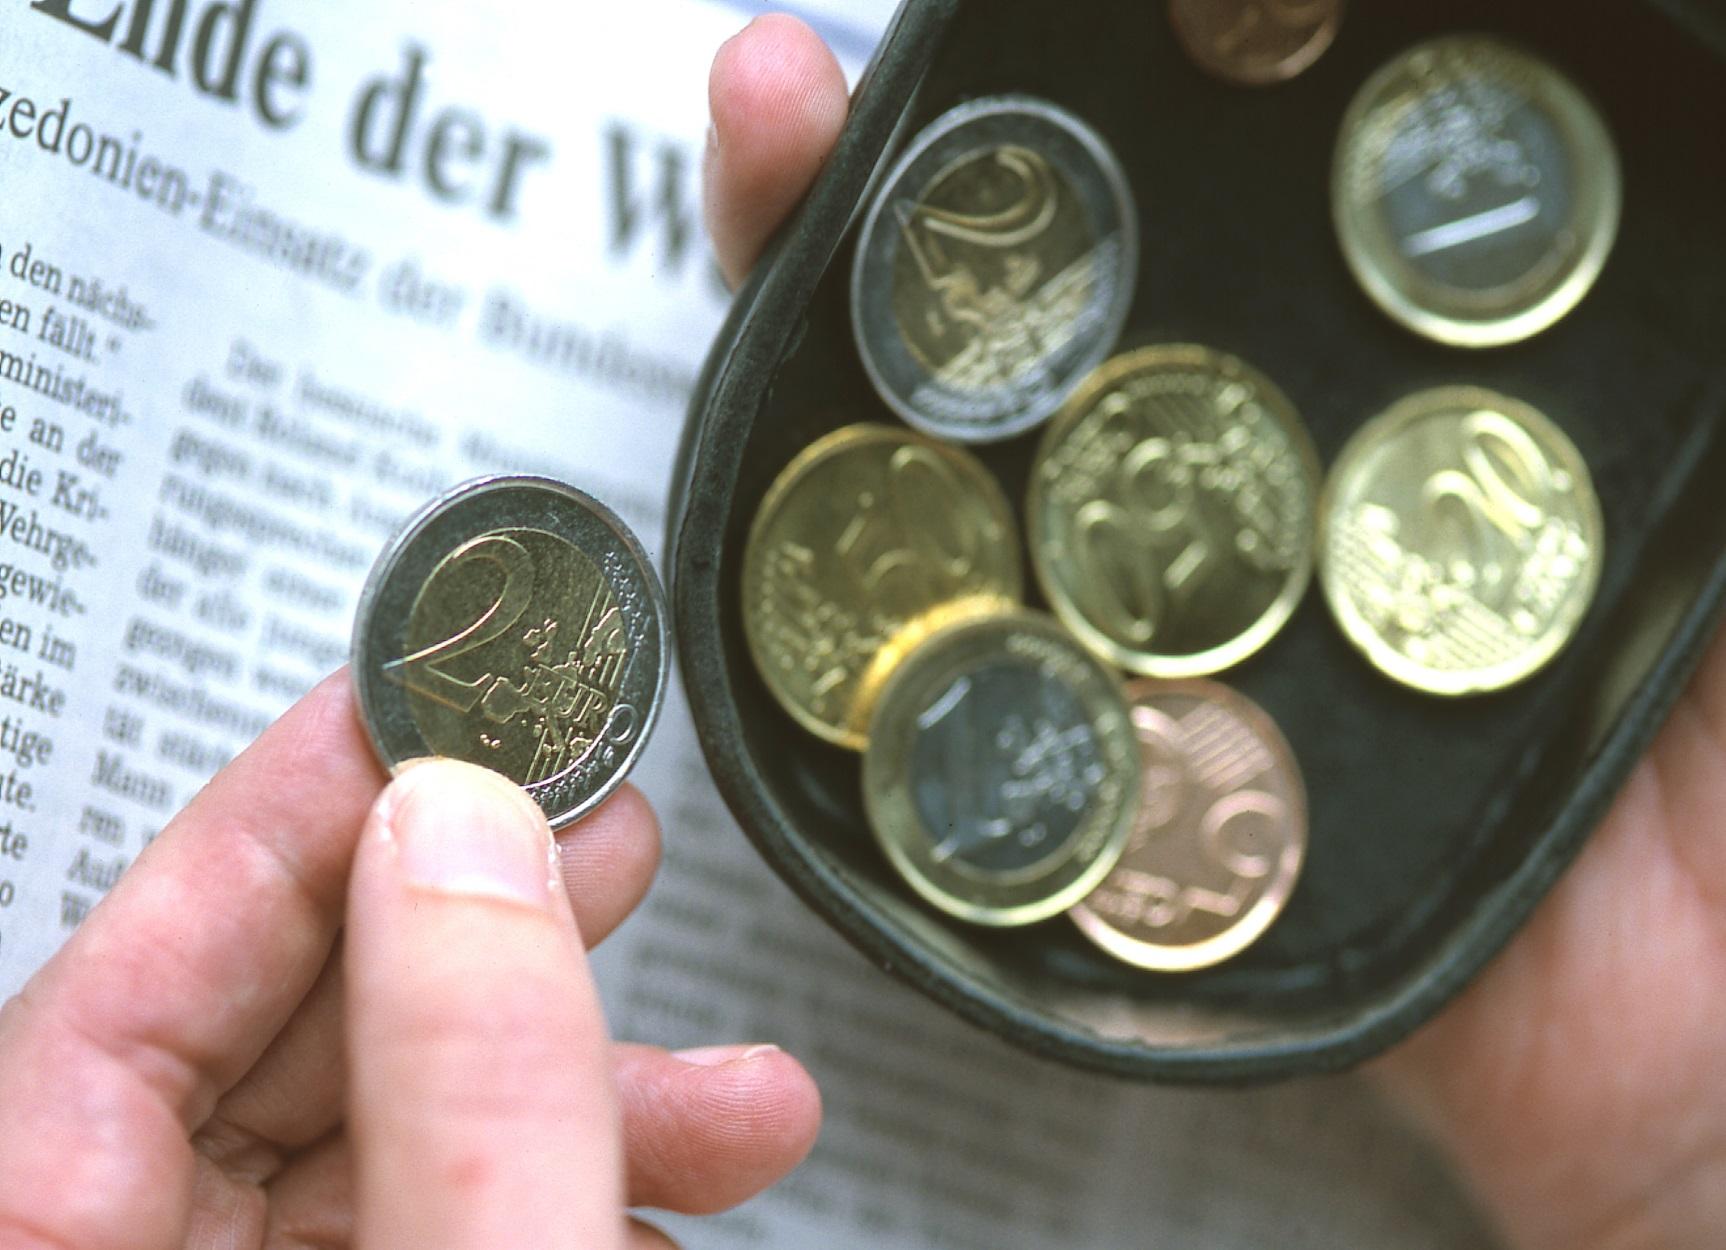 Ρόδος: Με 6 χρόνια καθυστέρηση έμαθε ότι χρωστούσε στην Εφορία 3 λεπτά του ευρώ